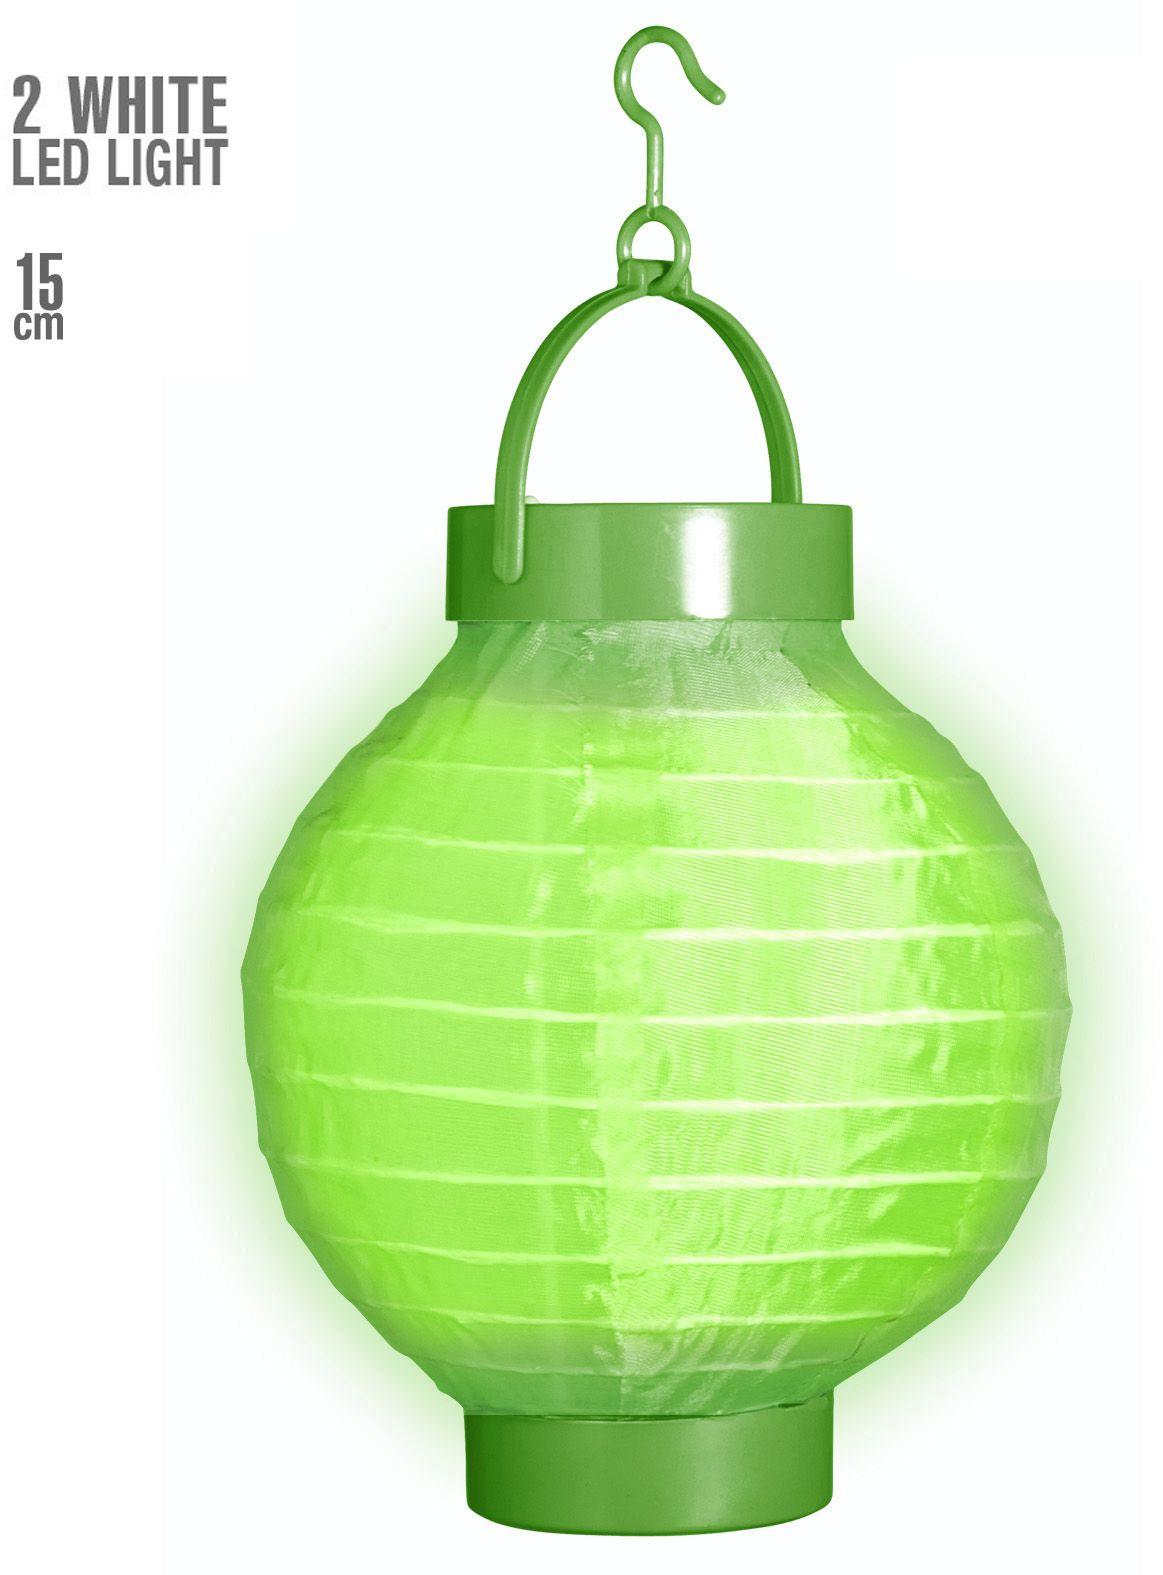 Groene stoffen lampion met 2 witte LED lichten